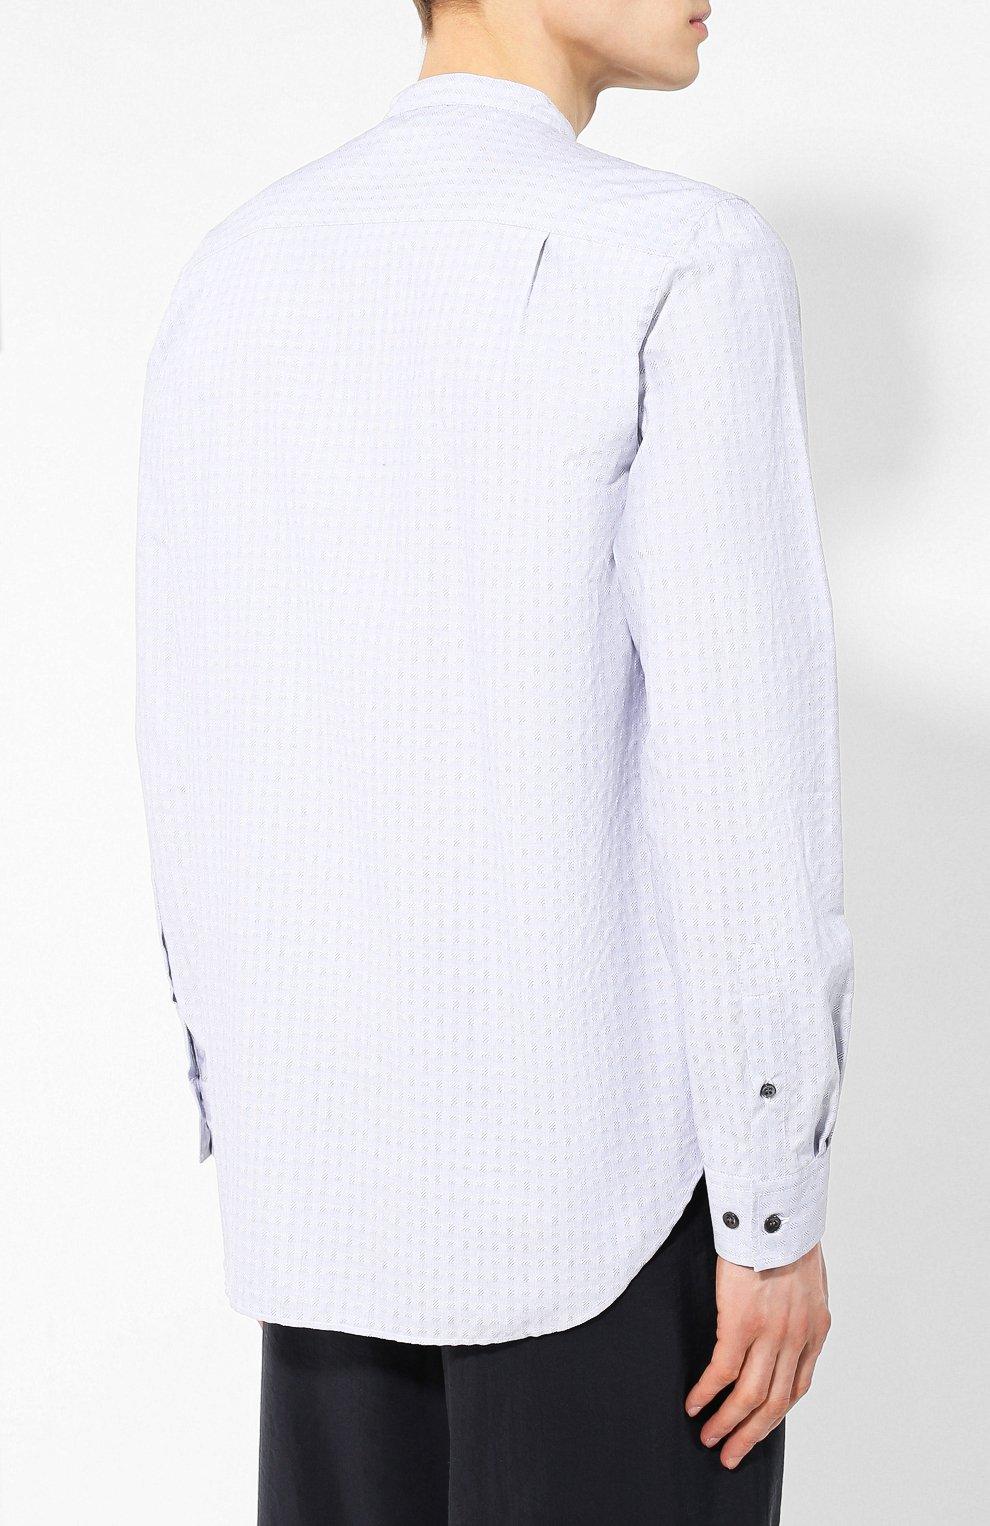 Мужская хлопковая рубашка с воротником мандарин GIORGIO ARMANI серого цвета, арт. 9SGCCZ13/TZ213 | Фото 4